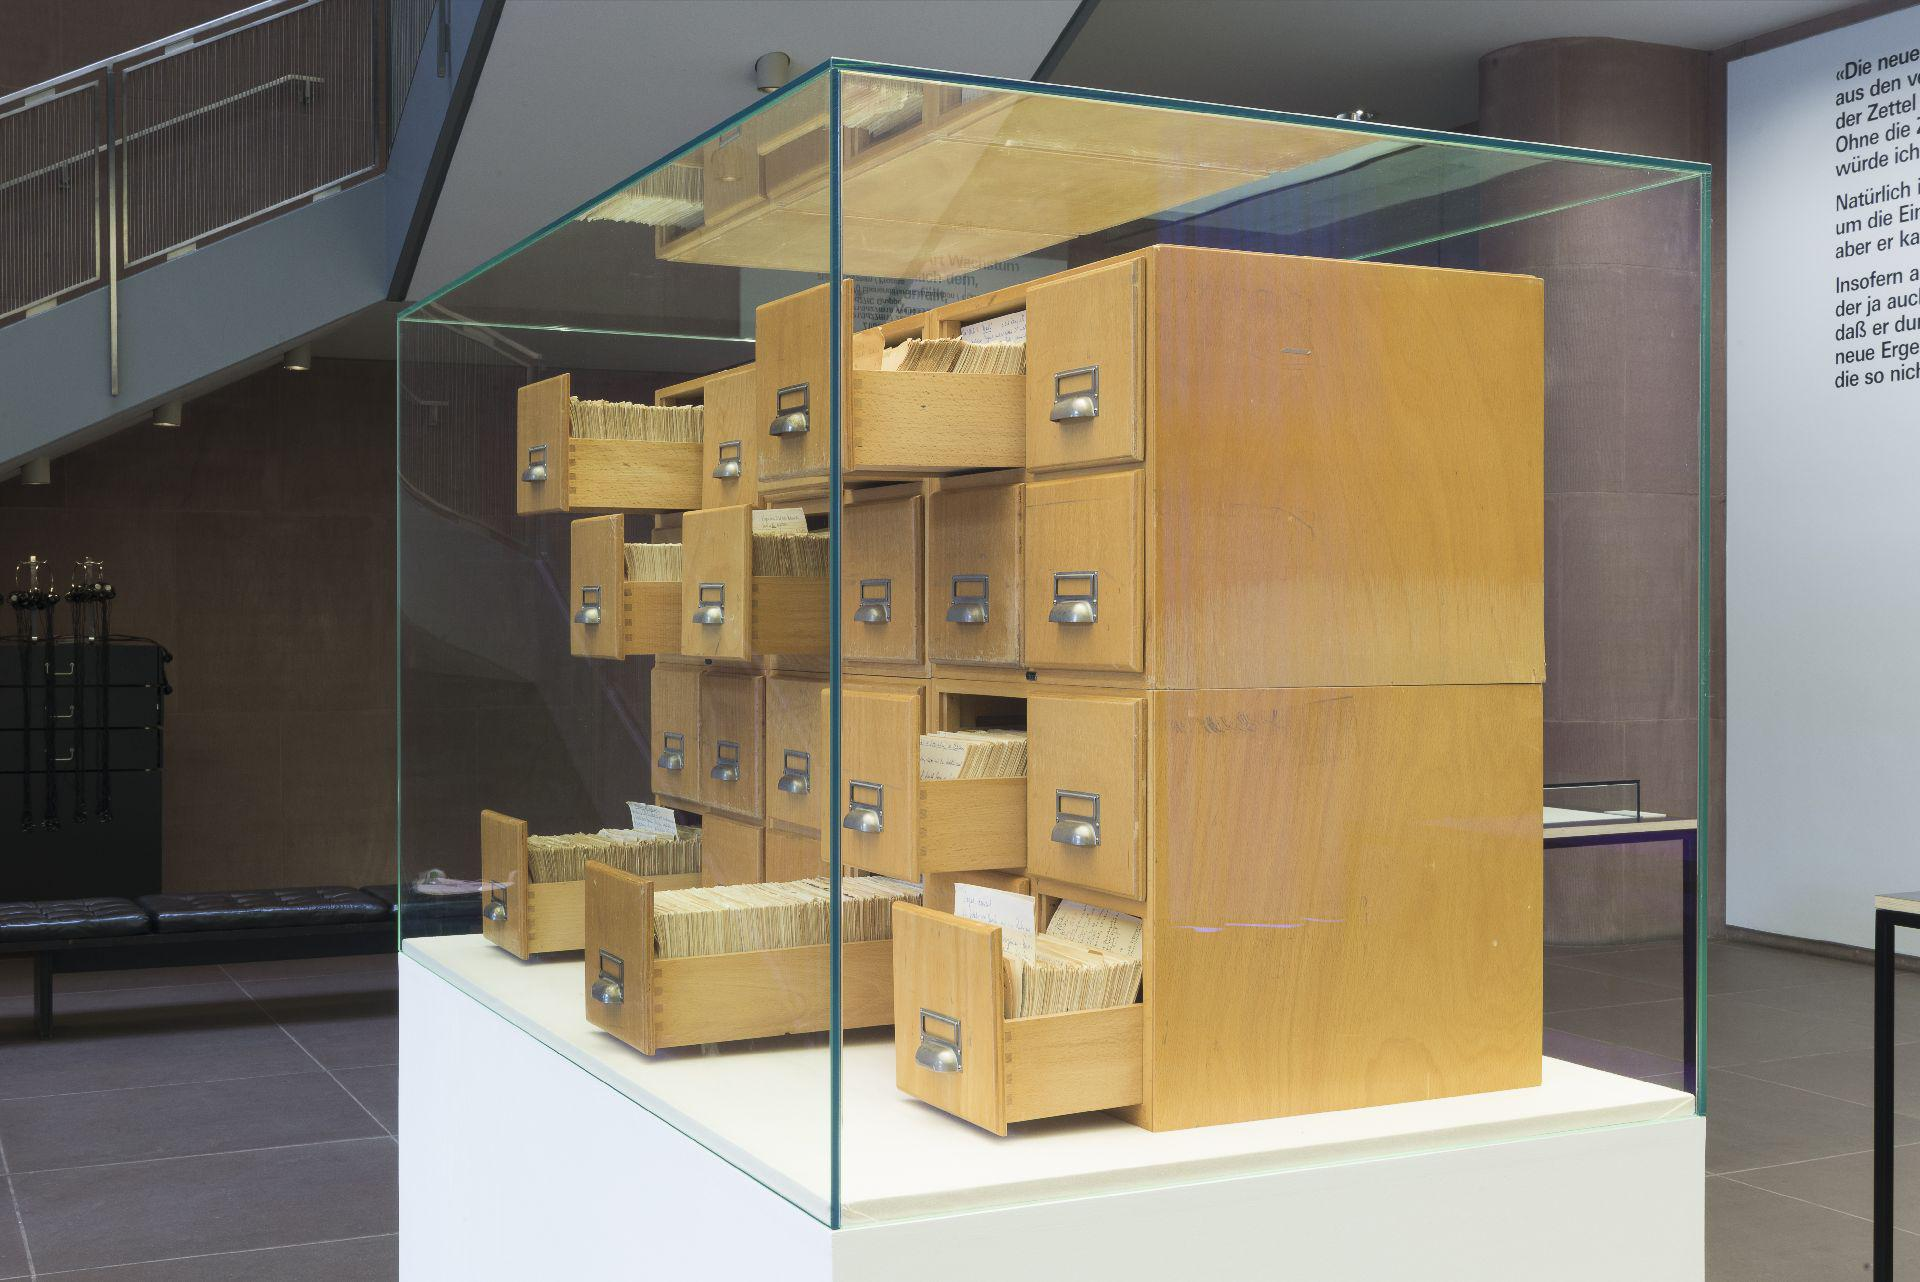 Картотека хранится в Билефельдском университете, в котором работал Луман